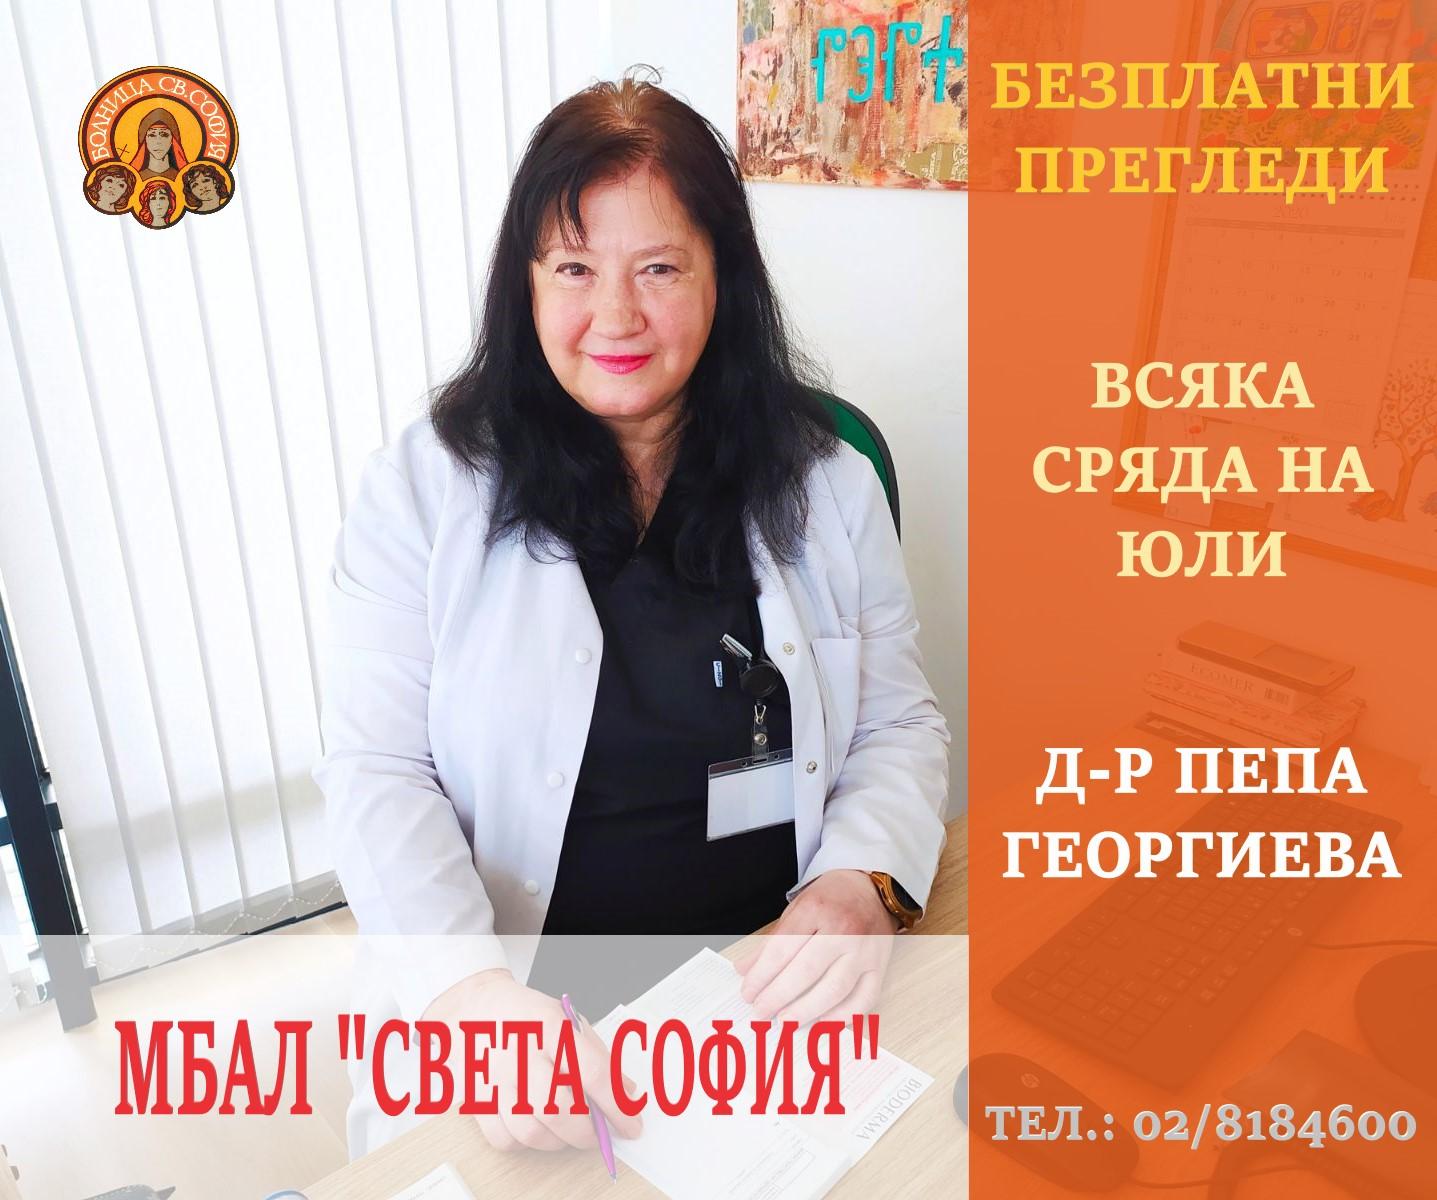 """Безплатни прегледи при дерматолог през юли в МБАЛ """"Света София"""""""